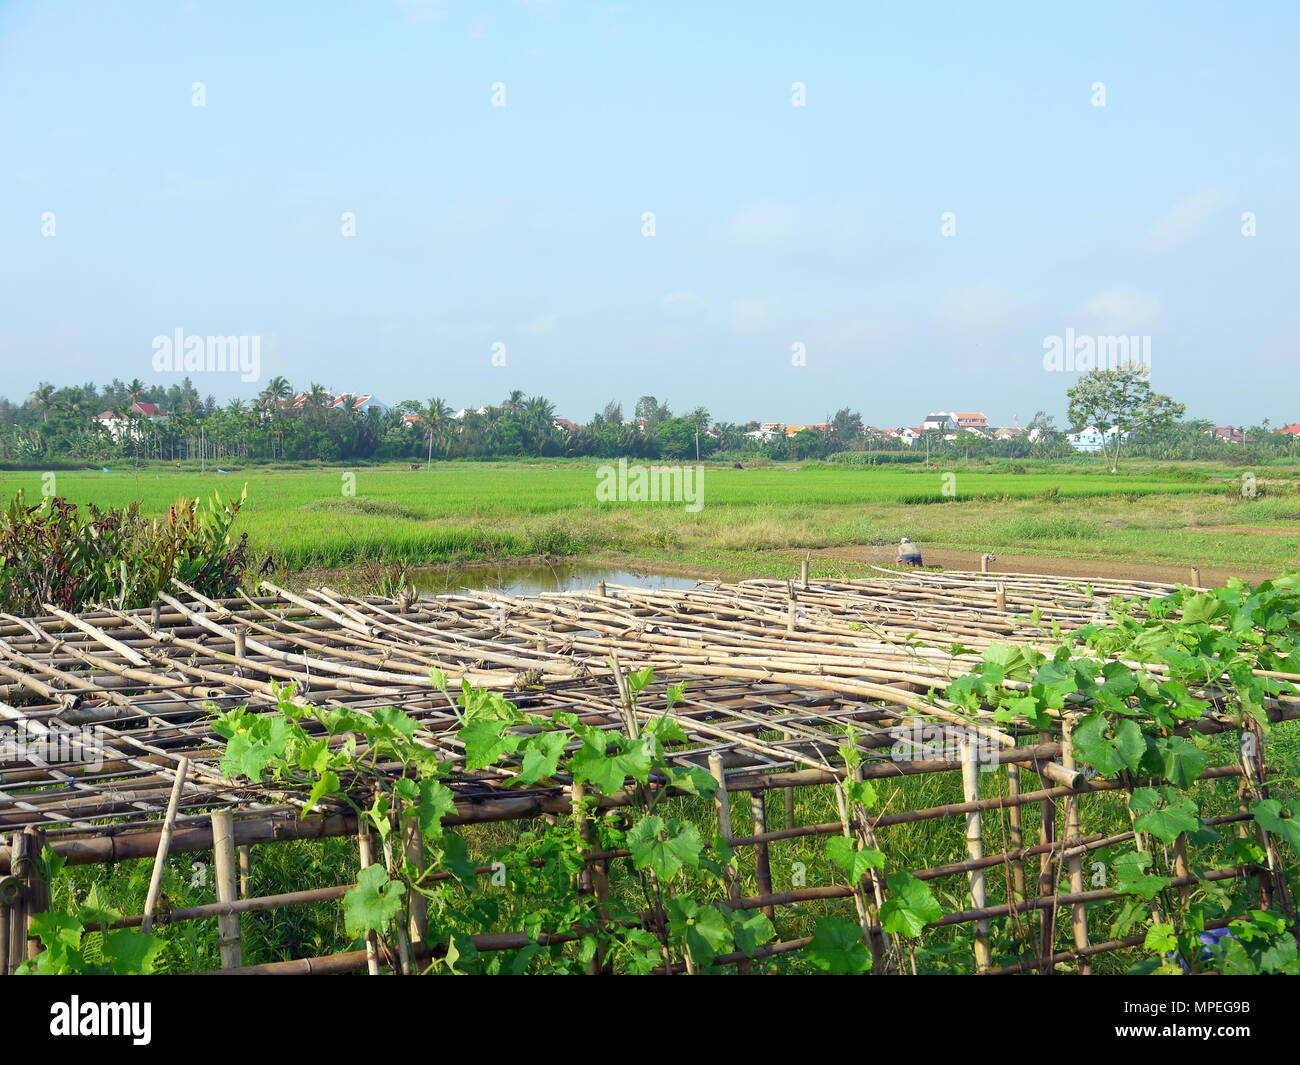 Schone Landschaft Mit Melone Reben Auf Bambus Pergola Hauser Und